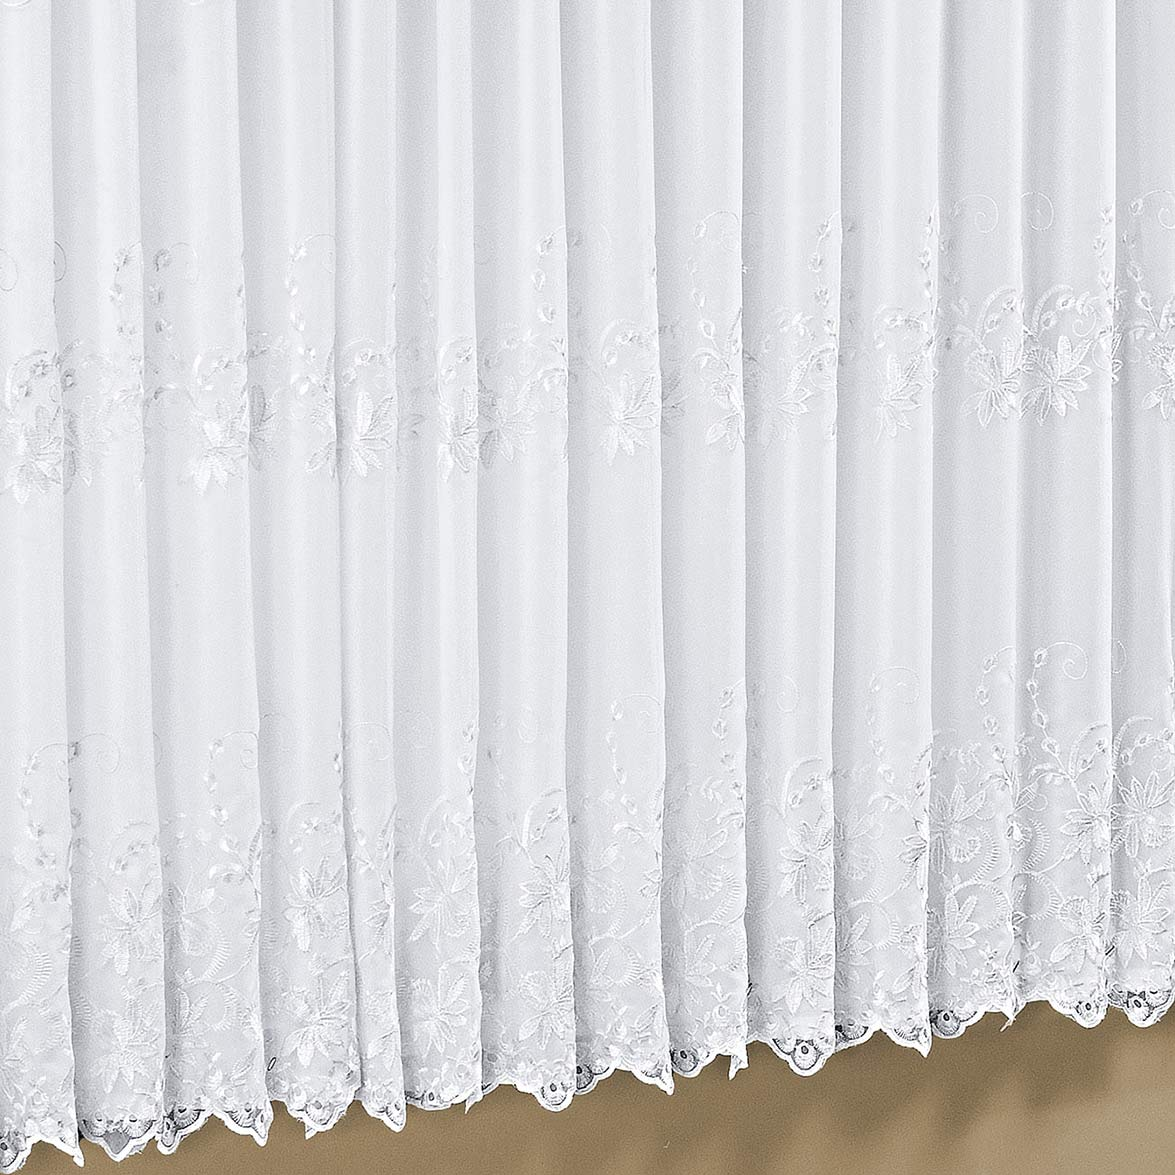 Cortina 2 metros Italiana Branco em Poliéster com 1 peça